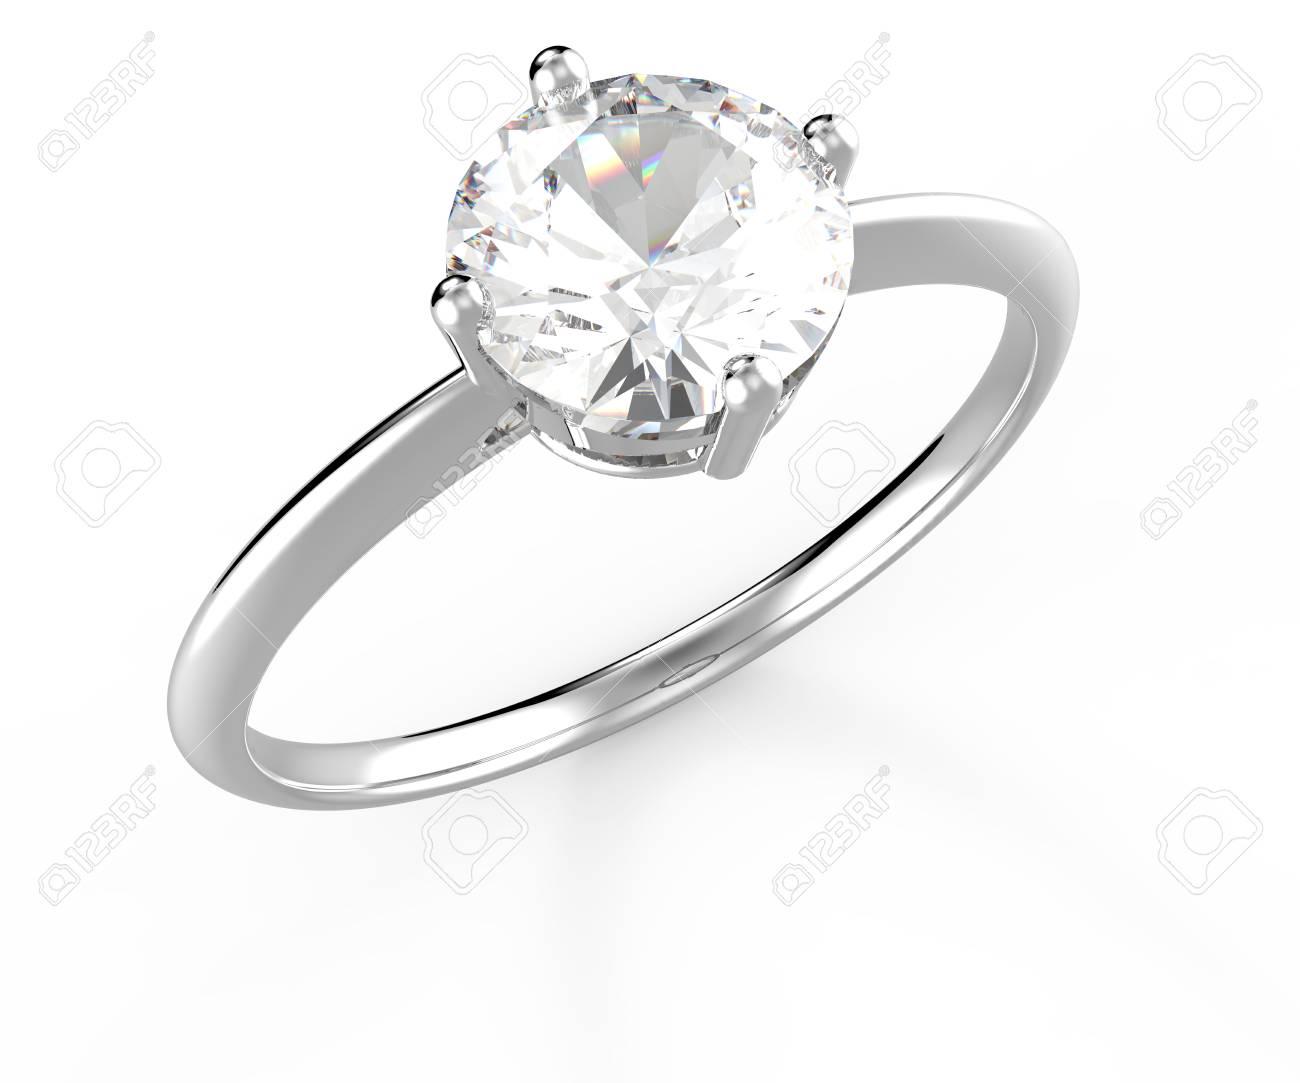 Bague De Mariage Avec Diamant Isole Sur Fond Blanc Illustration 3d